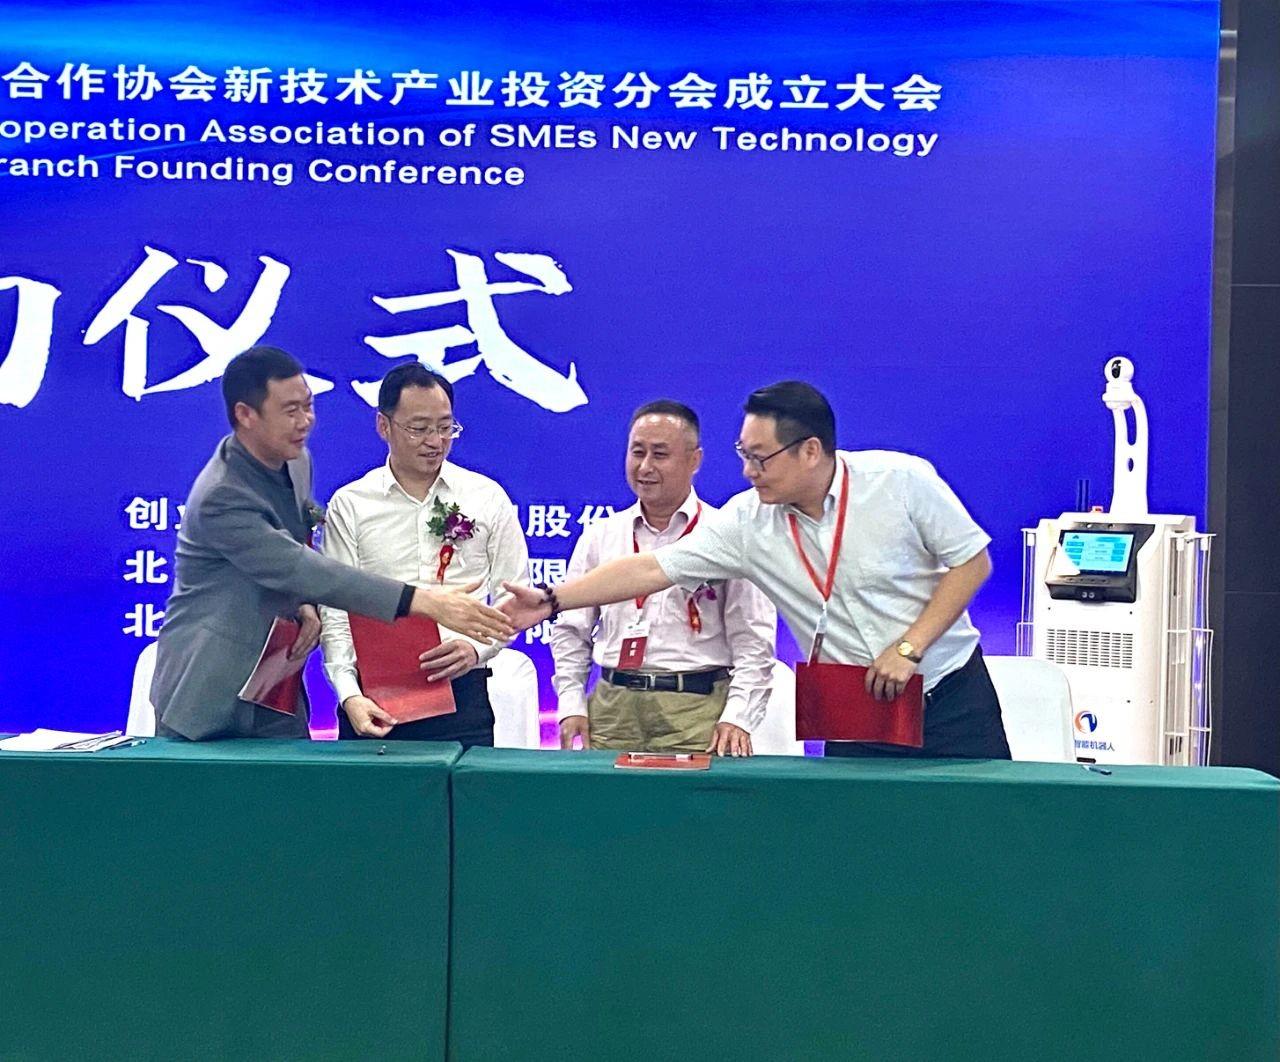 八月瓜与中国中小企业国际合作协会新技术投资分会签订战略合作协议